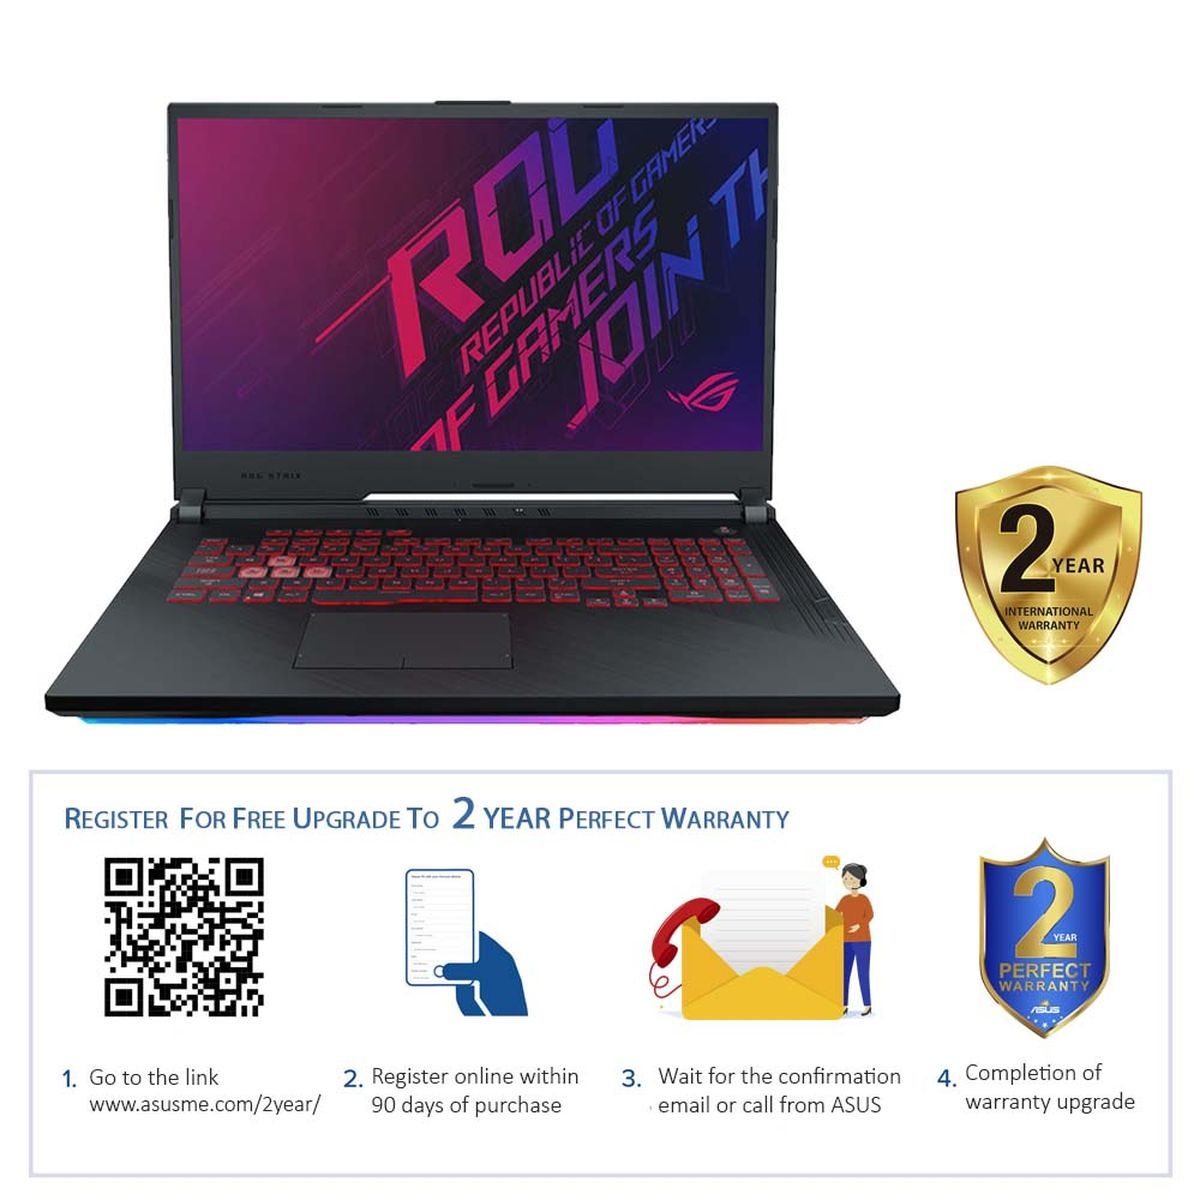 Asus G731GU-EV089T ROG STRIX G i7-9750H/16GB/1TB HDD+256GB SSD/GeForce GTX 1660TI 6GB/17.3 Inch FHD/144Hz/Windows 10